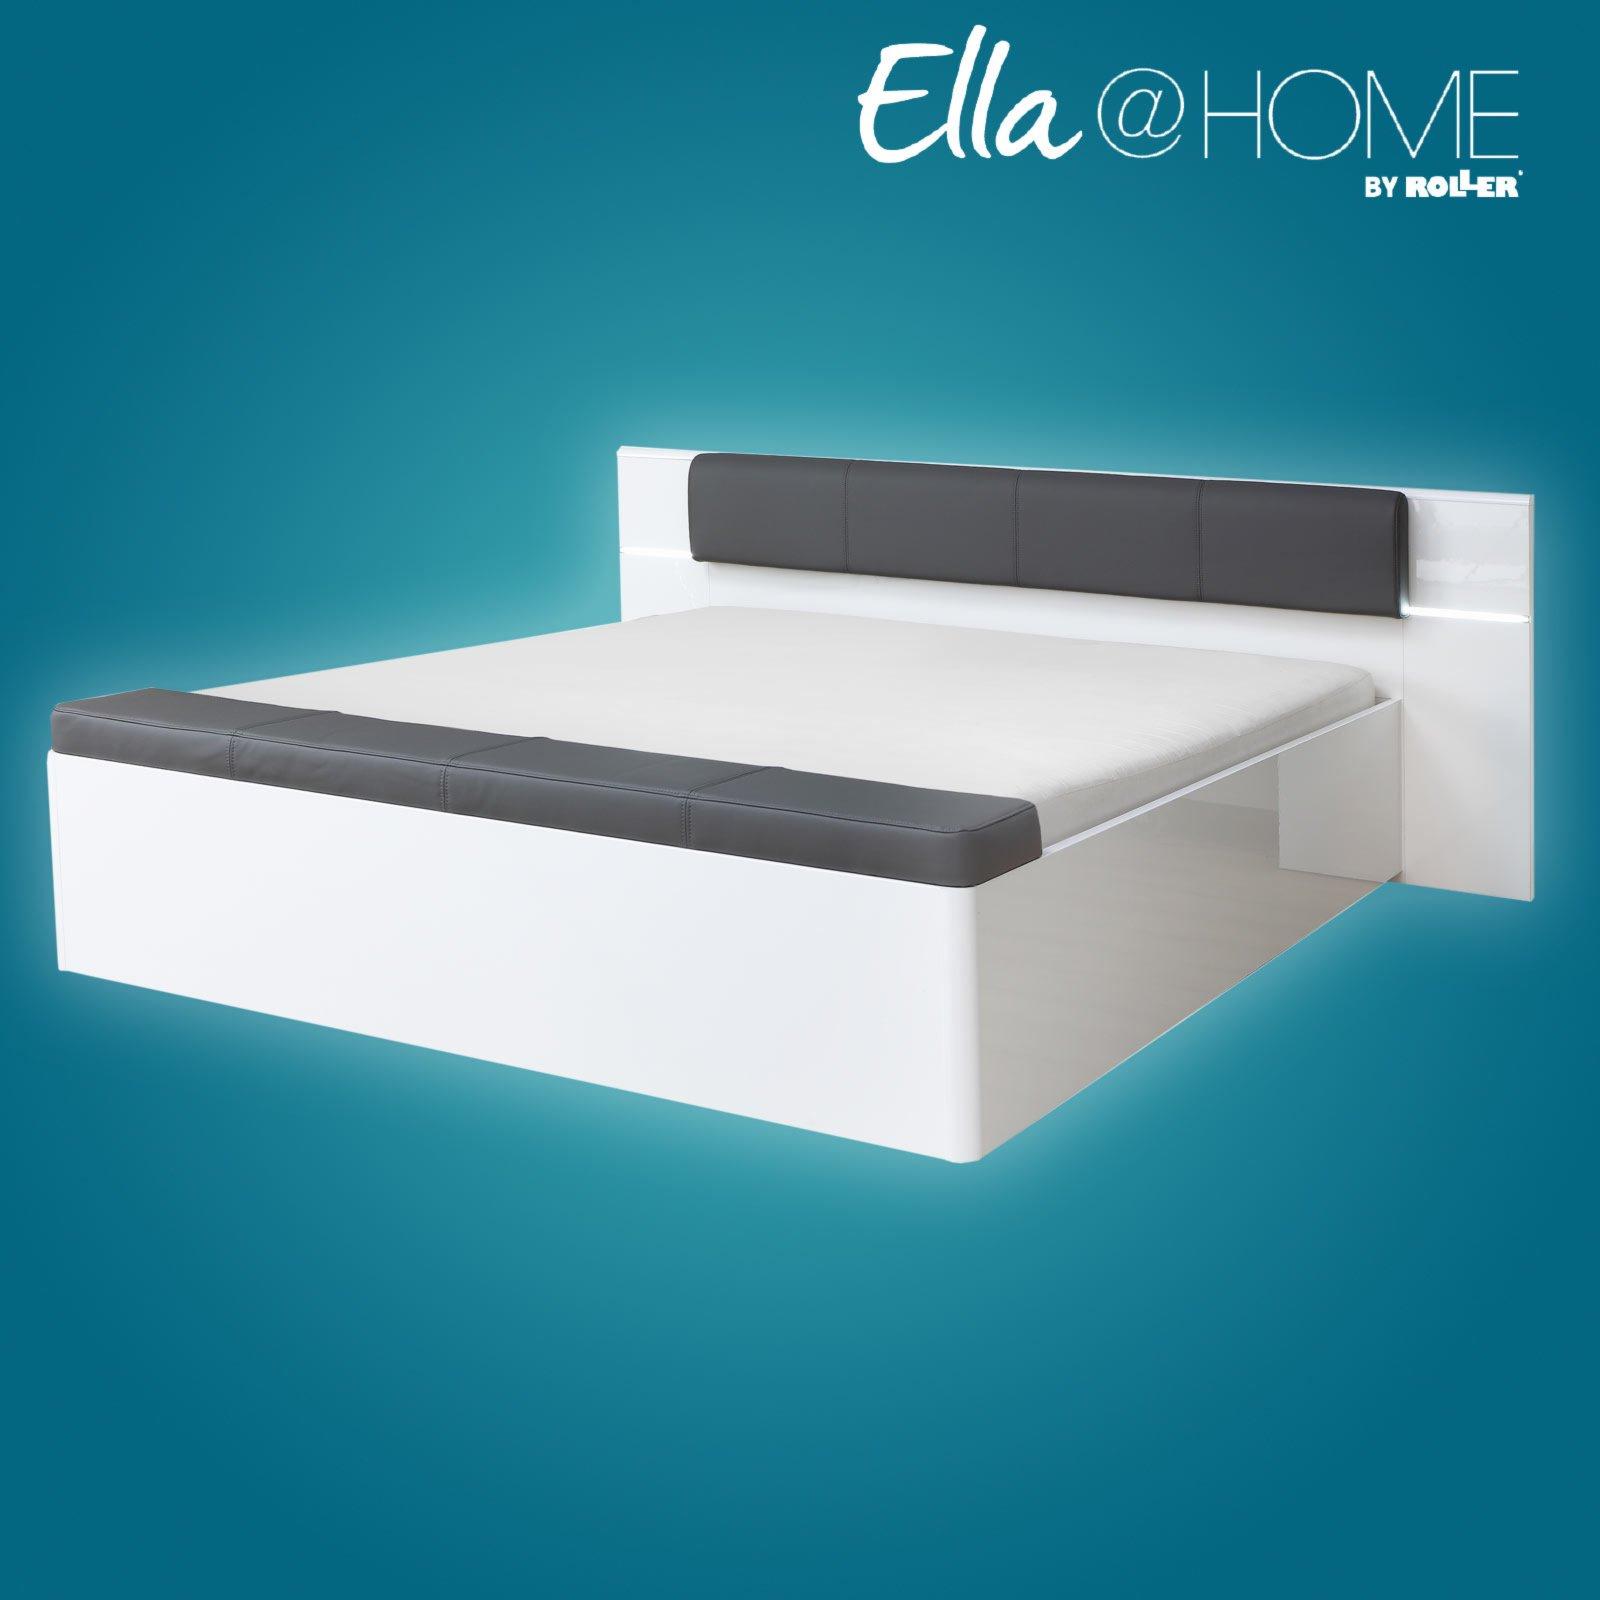 bett palm beach grau wei hochglanz kunstleder. Black Bedroom Furniture Sets. Home Design Ideas